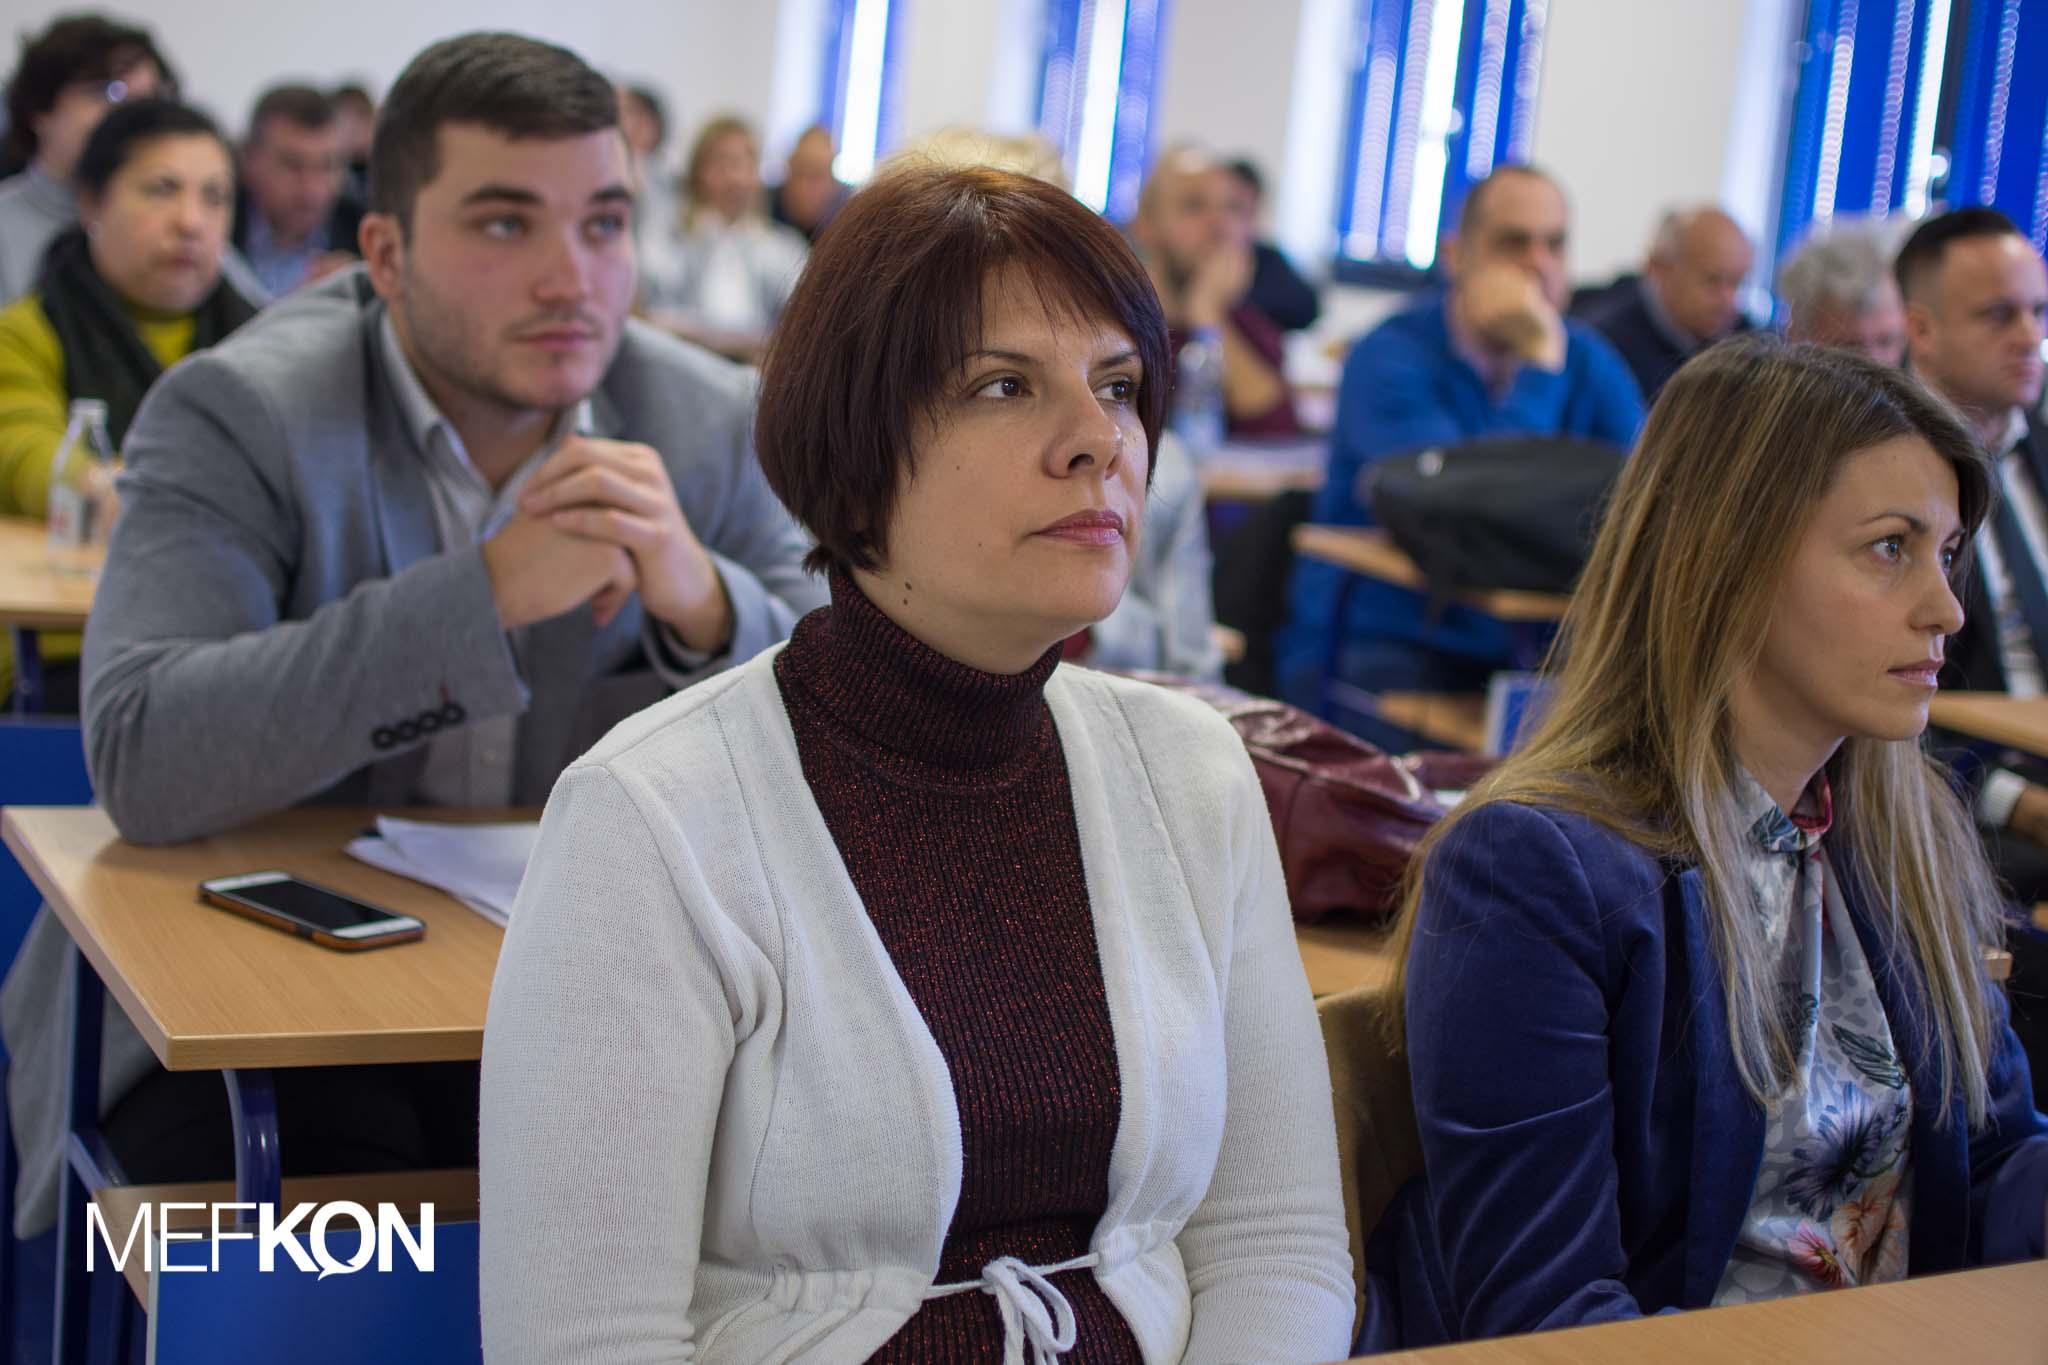 MEF Fakultet - izvestaj sa konferencije 2019 8